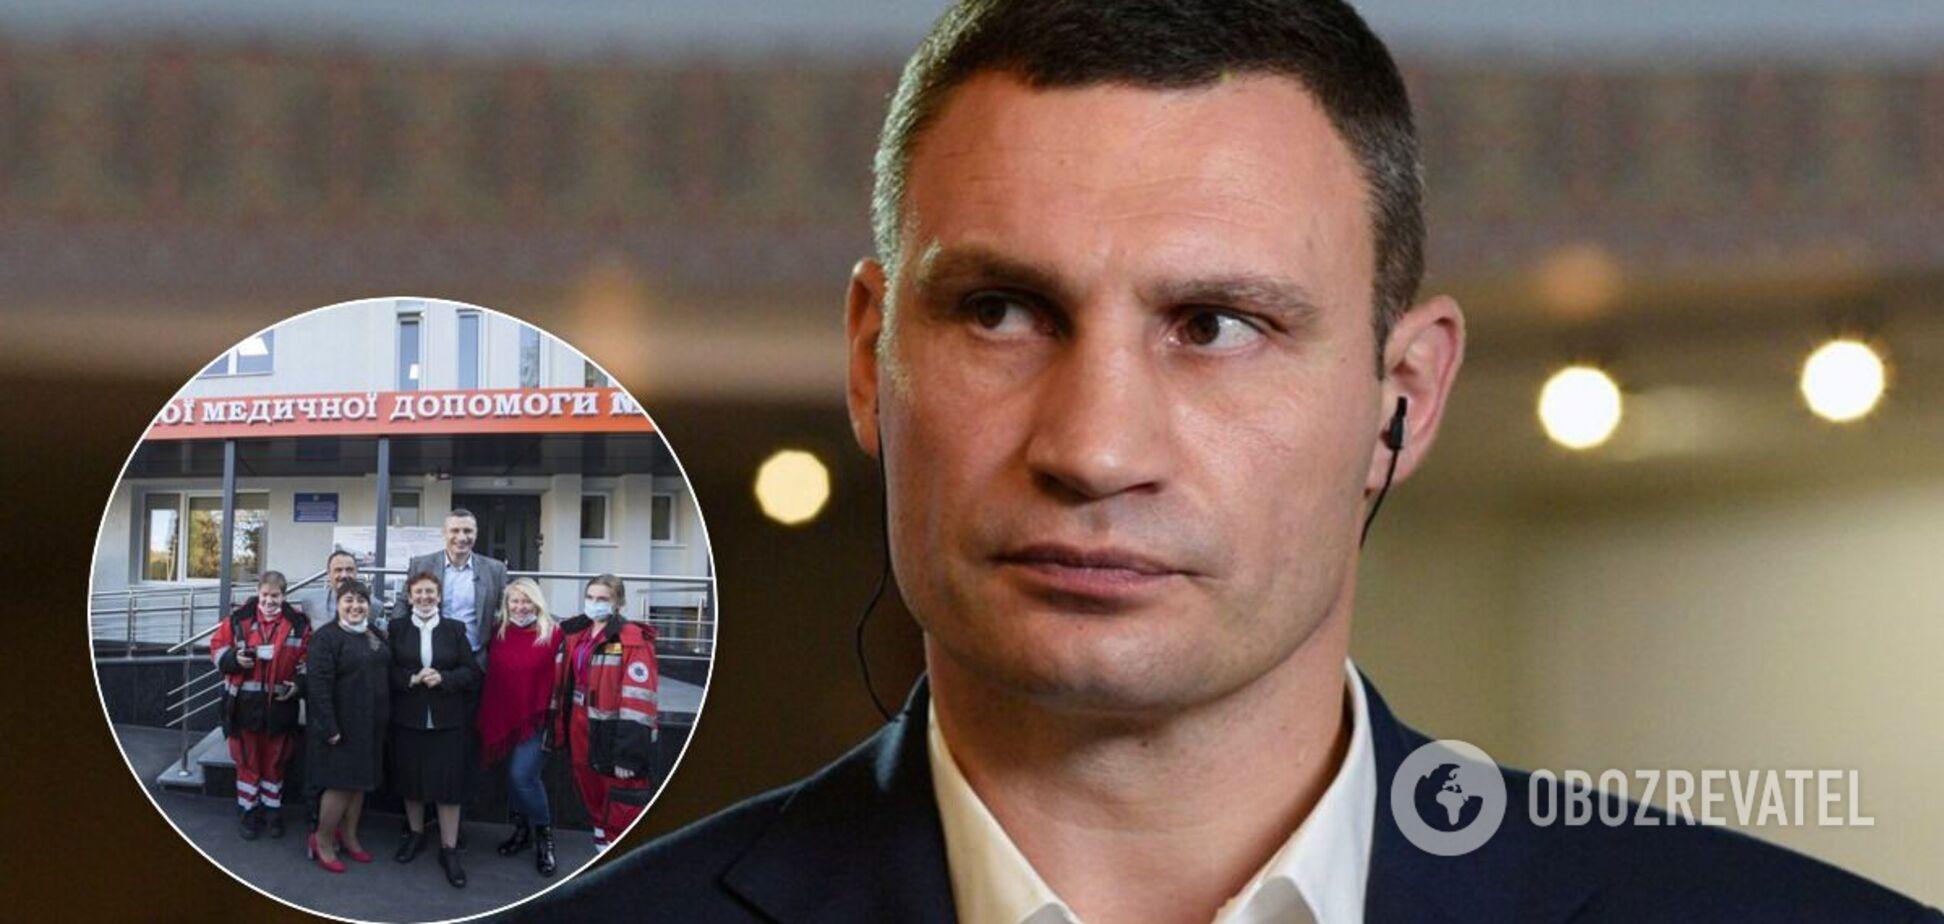 Кличко показал обновленное отделение скорой в Киеве: обустроили даже фитнес-зал. Фото